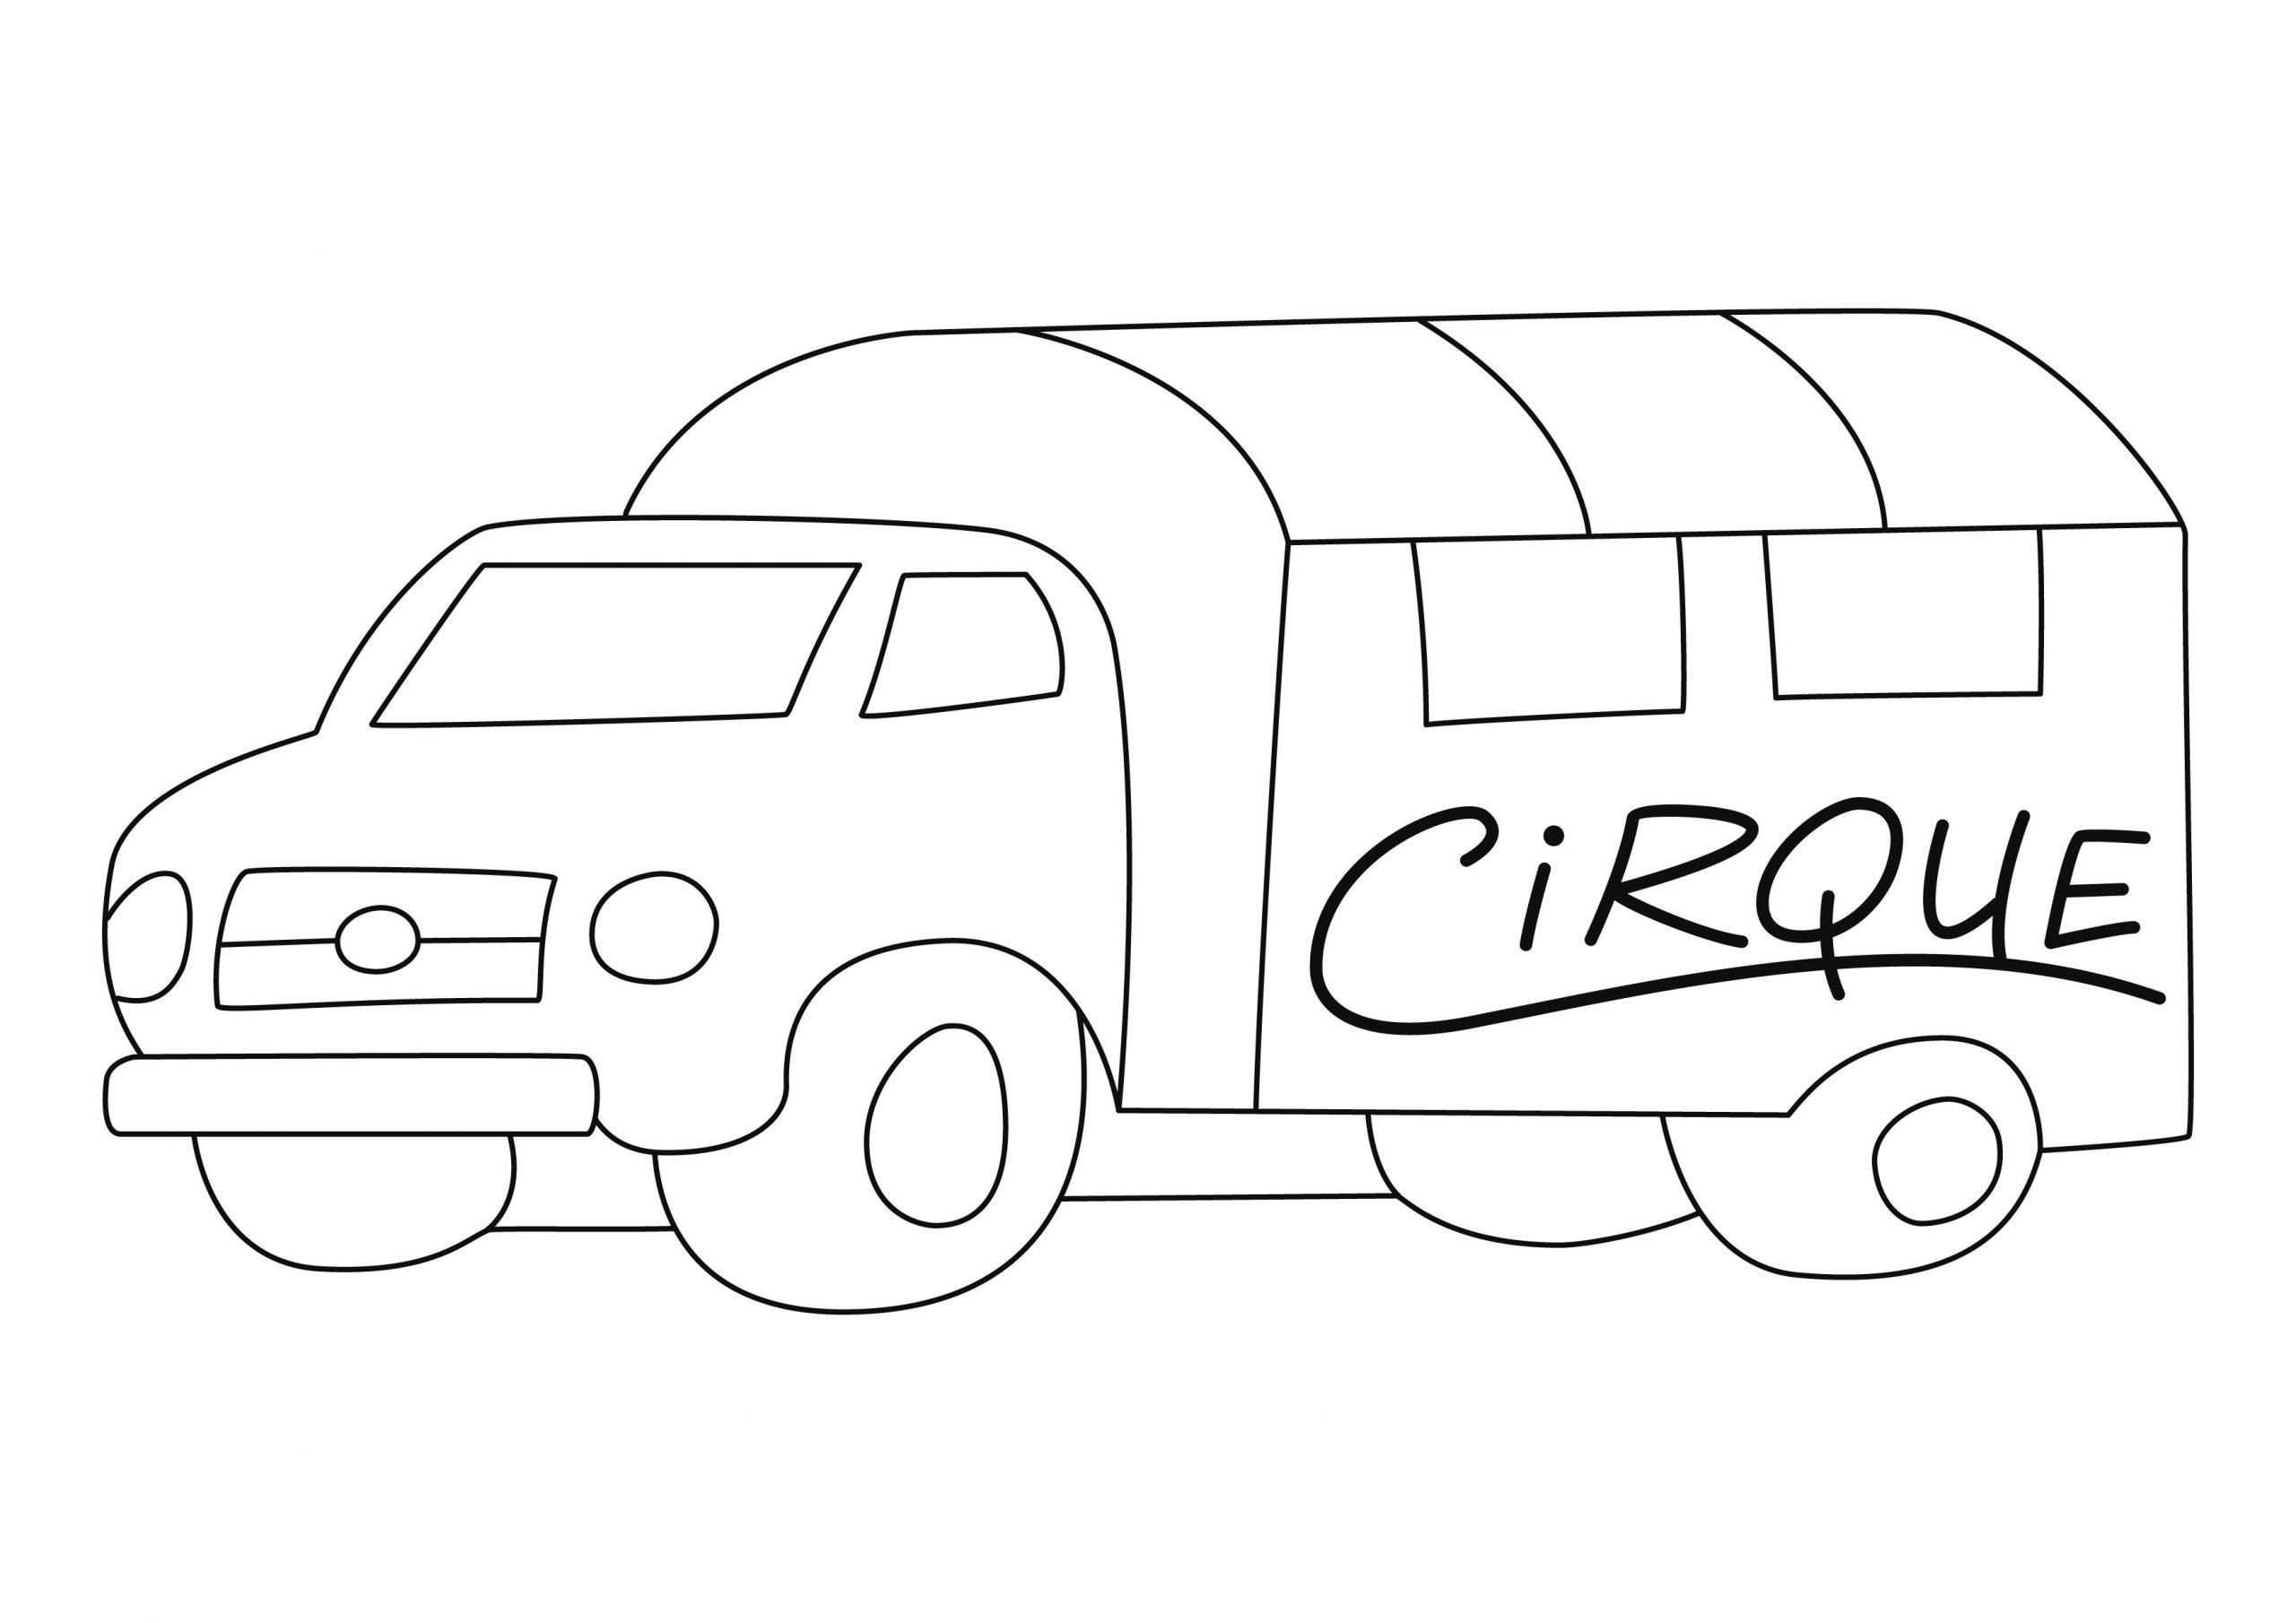 Coloriage - Le Cirque : Camion 02 - 10 Doigts avec Dessin D Un Camion